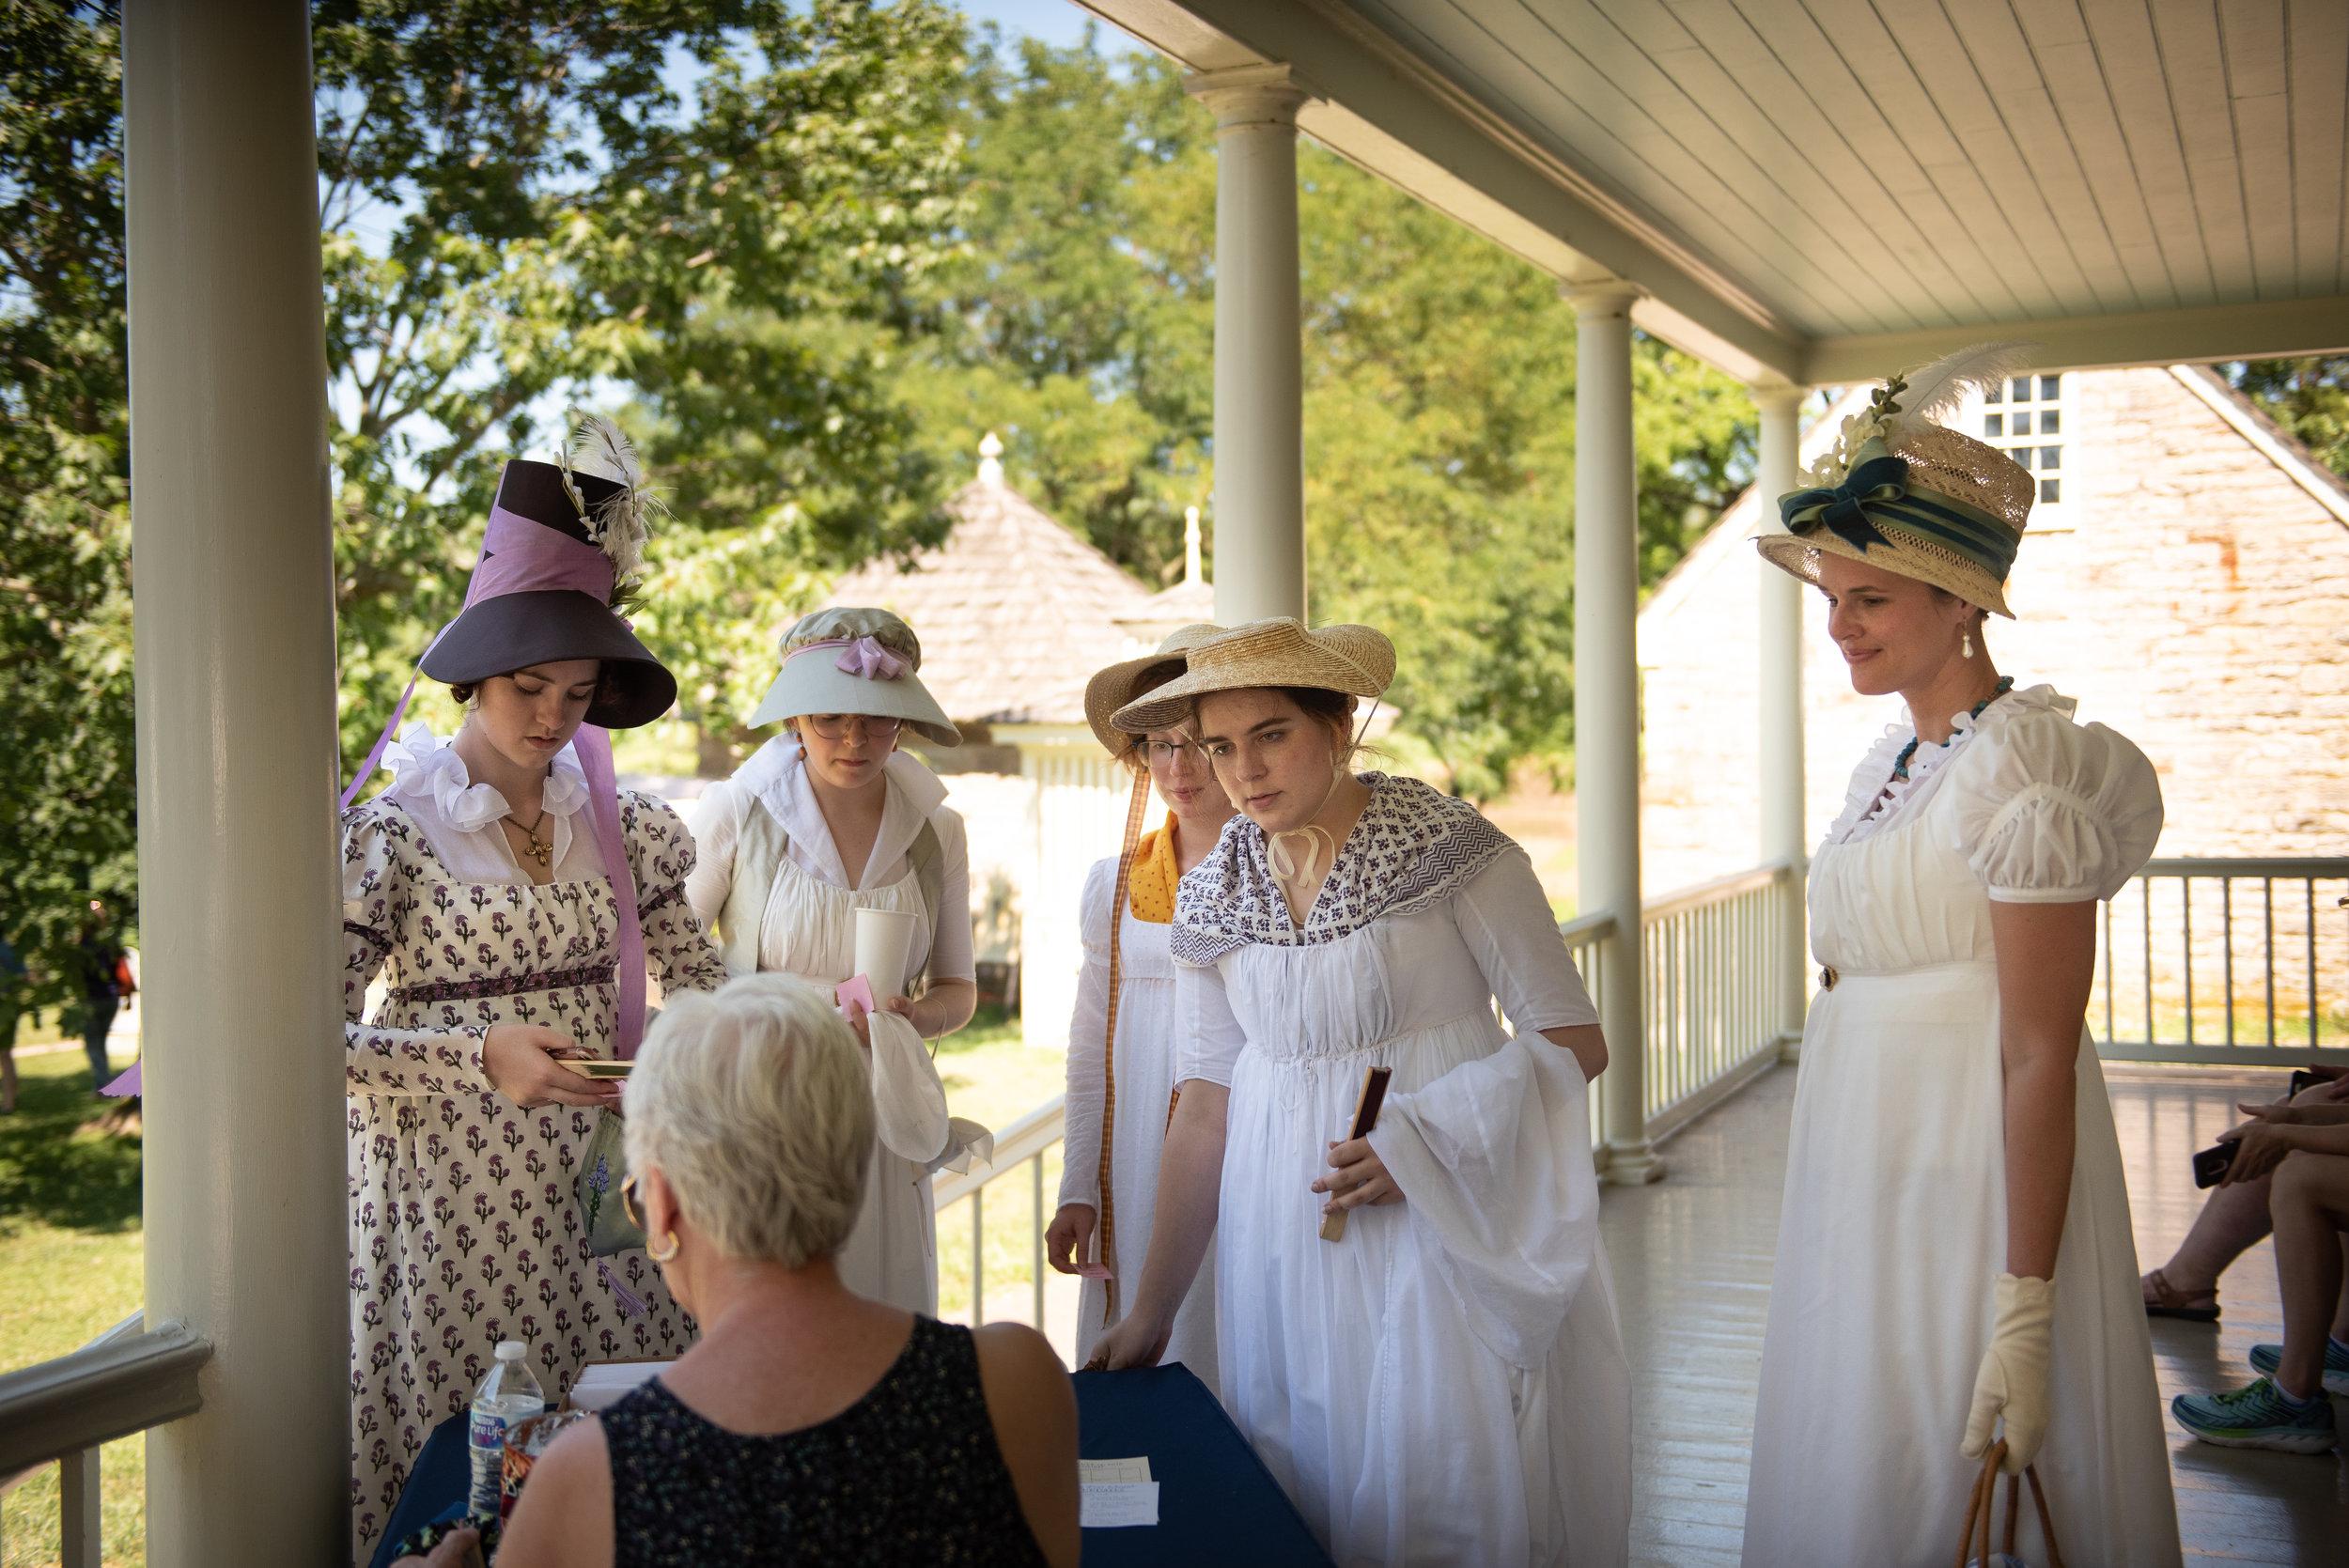 Jane Austen Festival Louisville Kentucky 2019 Regency Federal Dress Fashion Bonnet